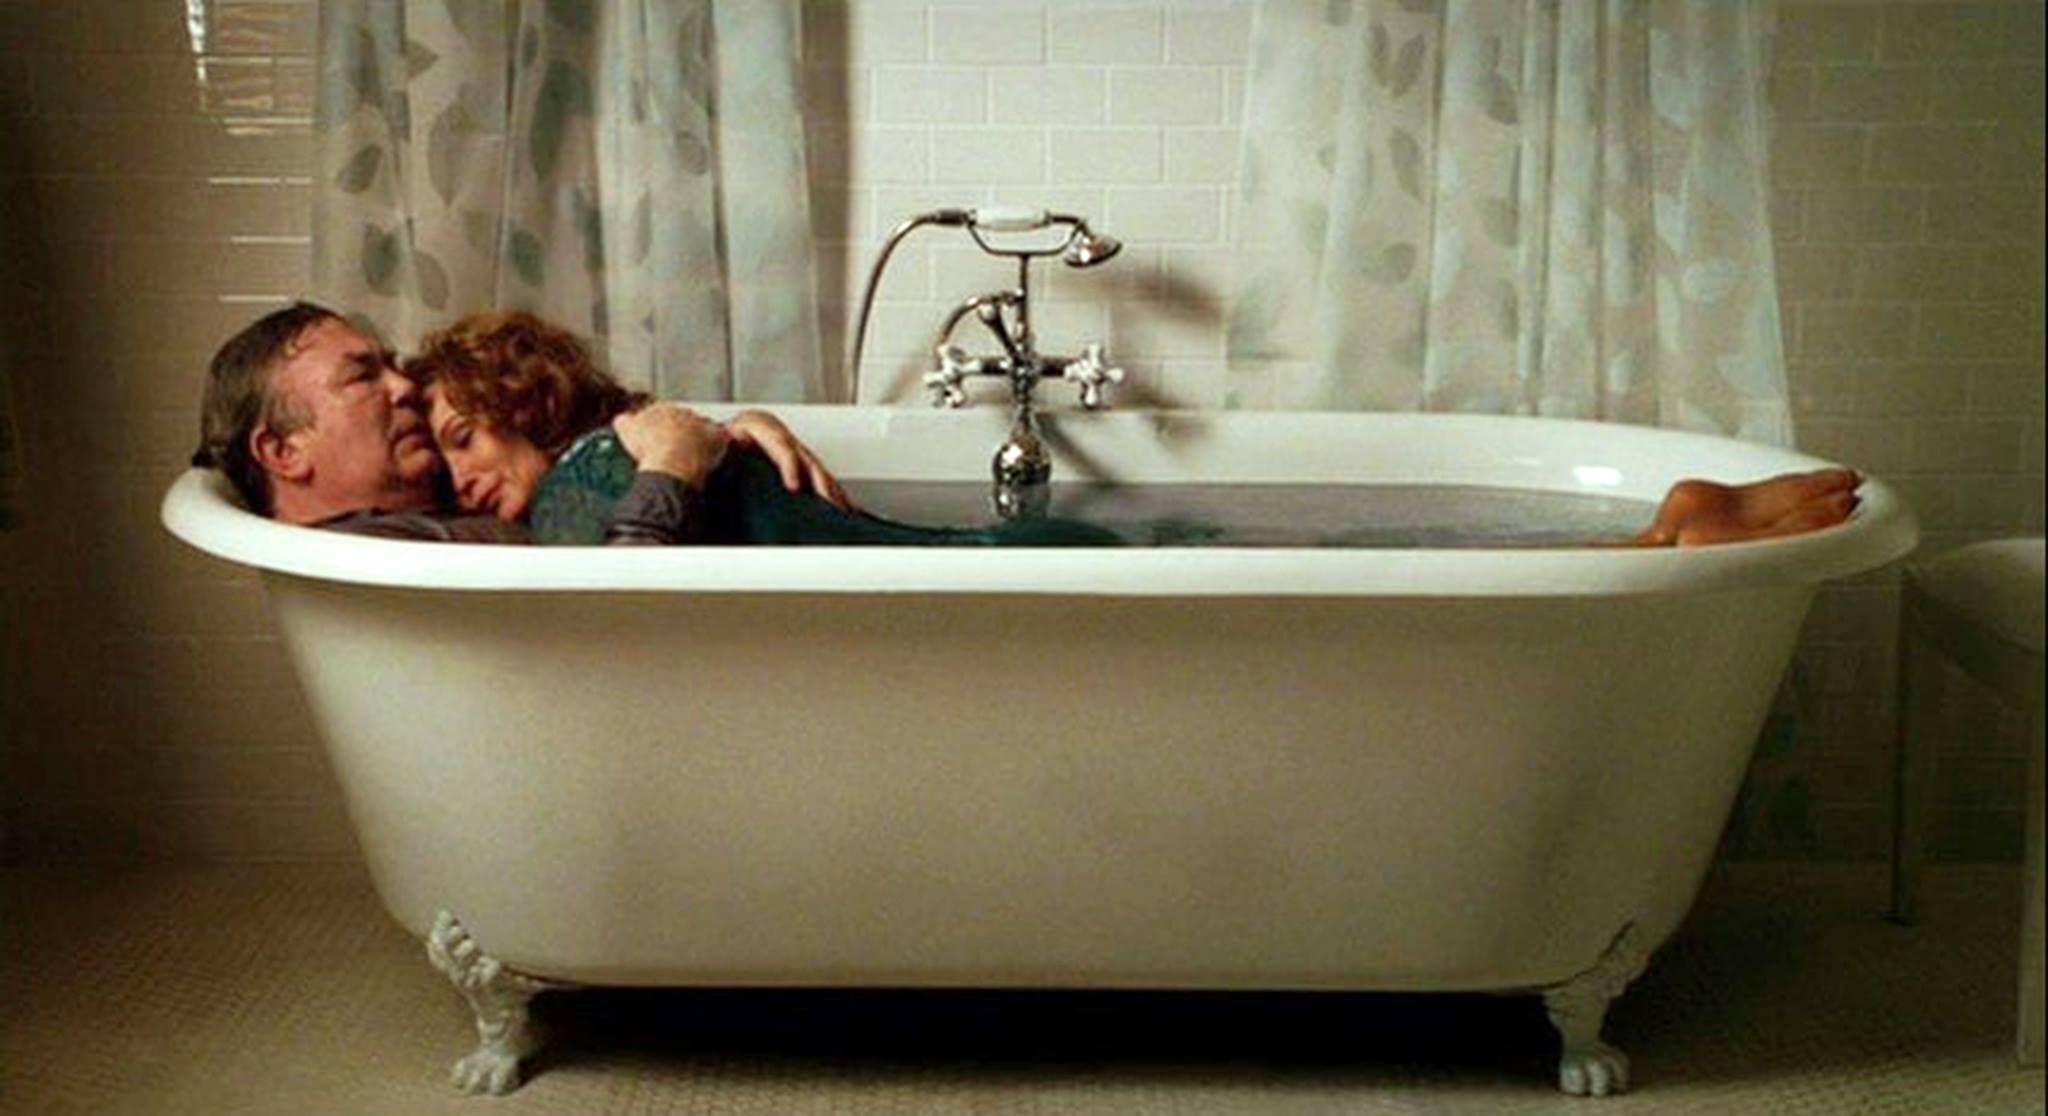 Vasca Da Bagno Otturata : Sognare vasca da bagno